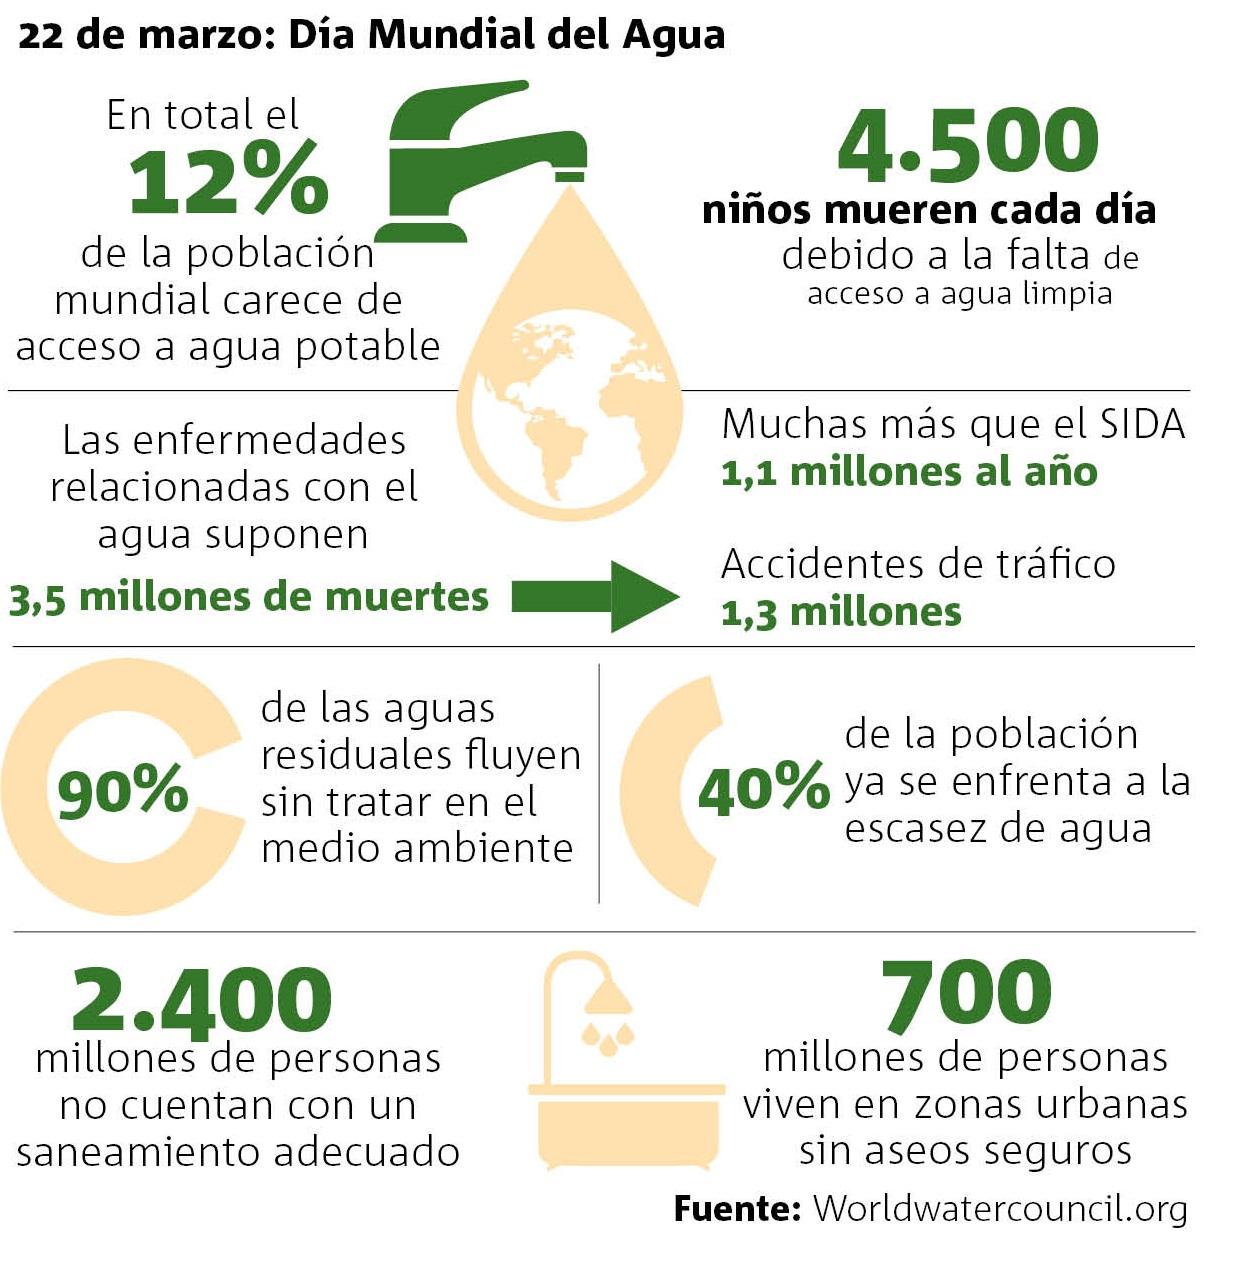 Crisis obliga al reciclaje y uso de aguas residuales: ONU